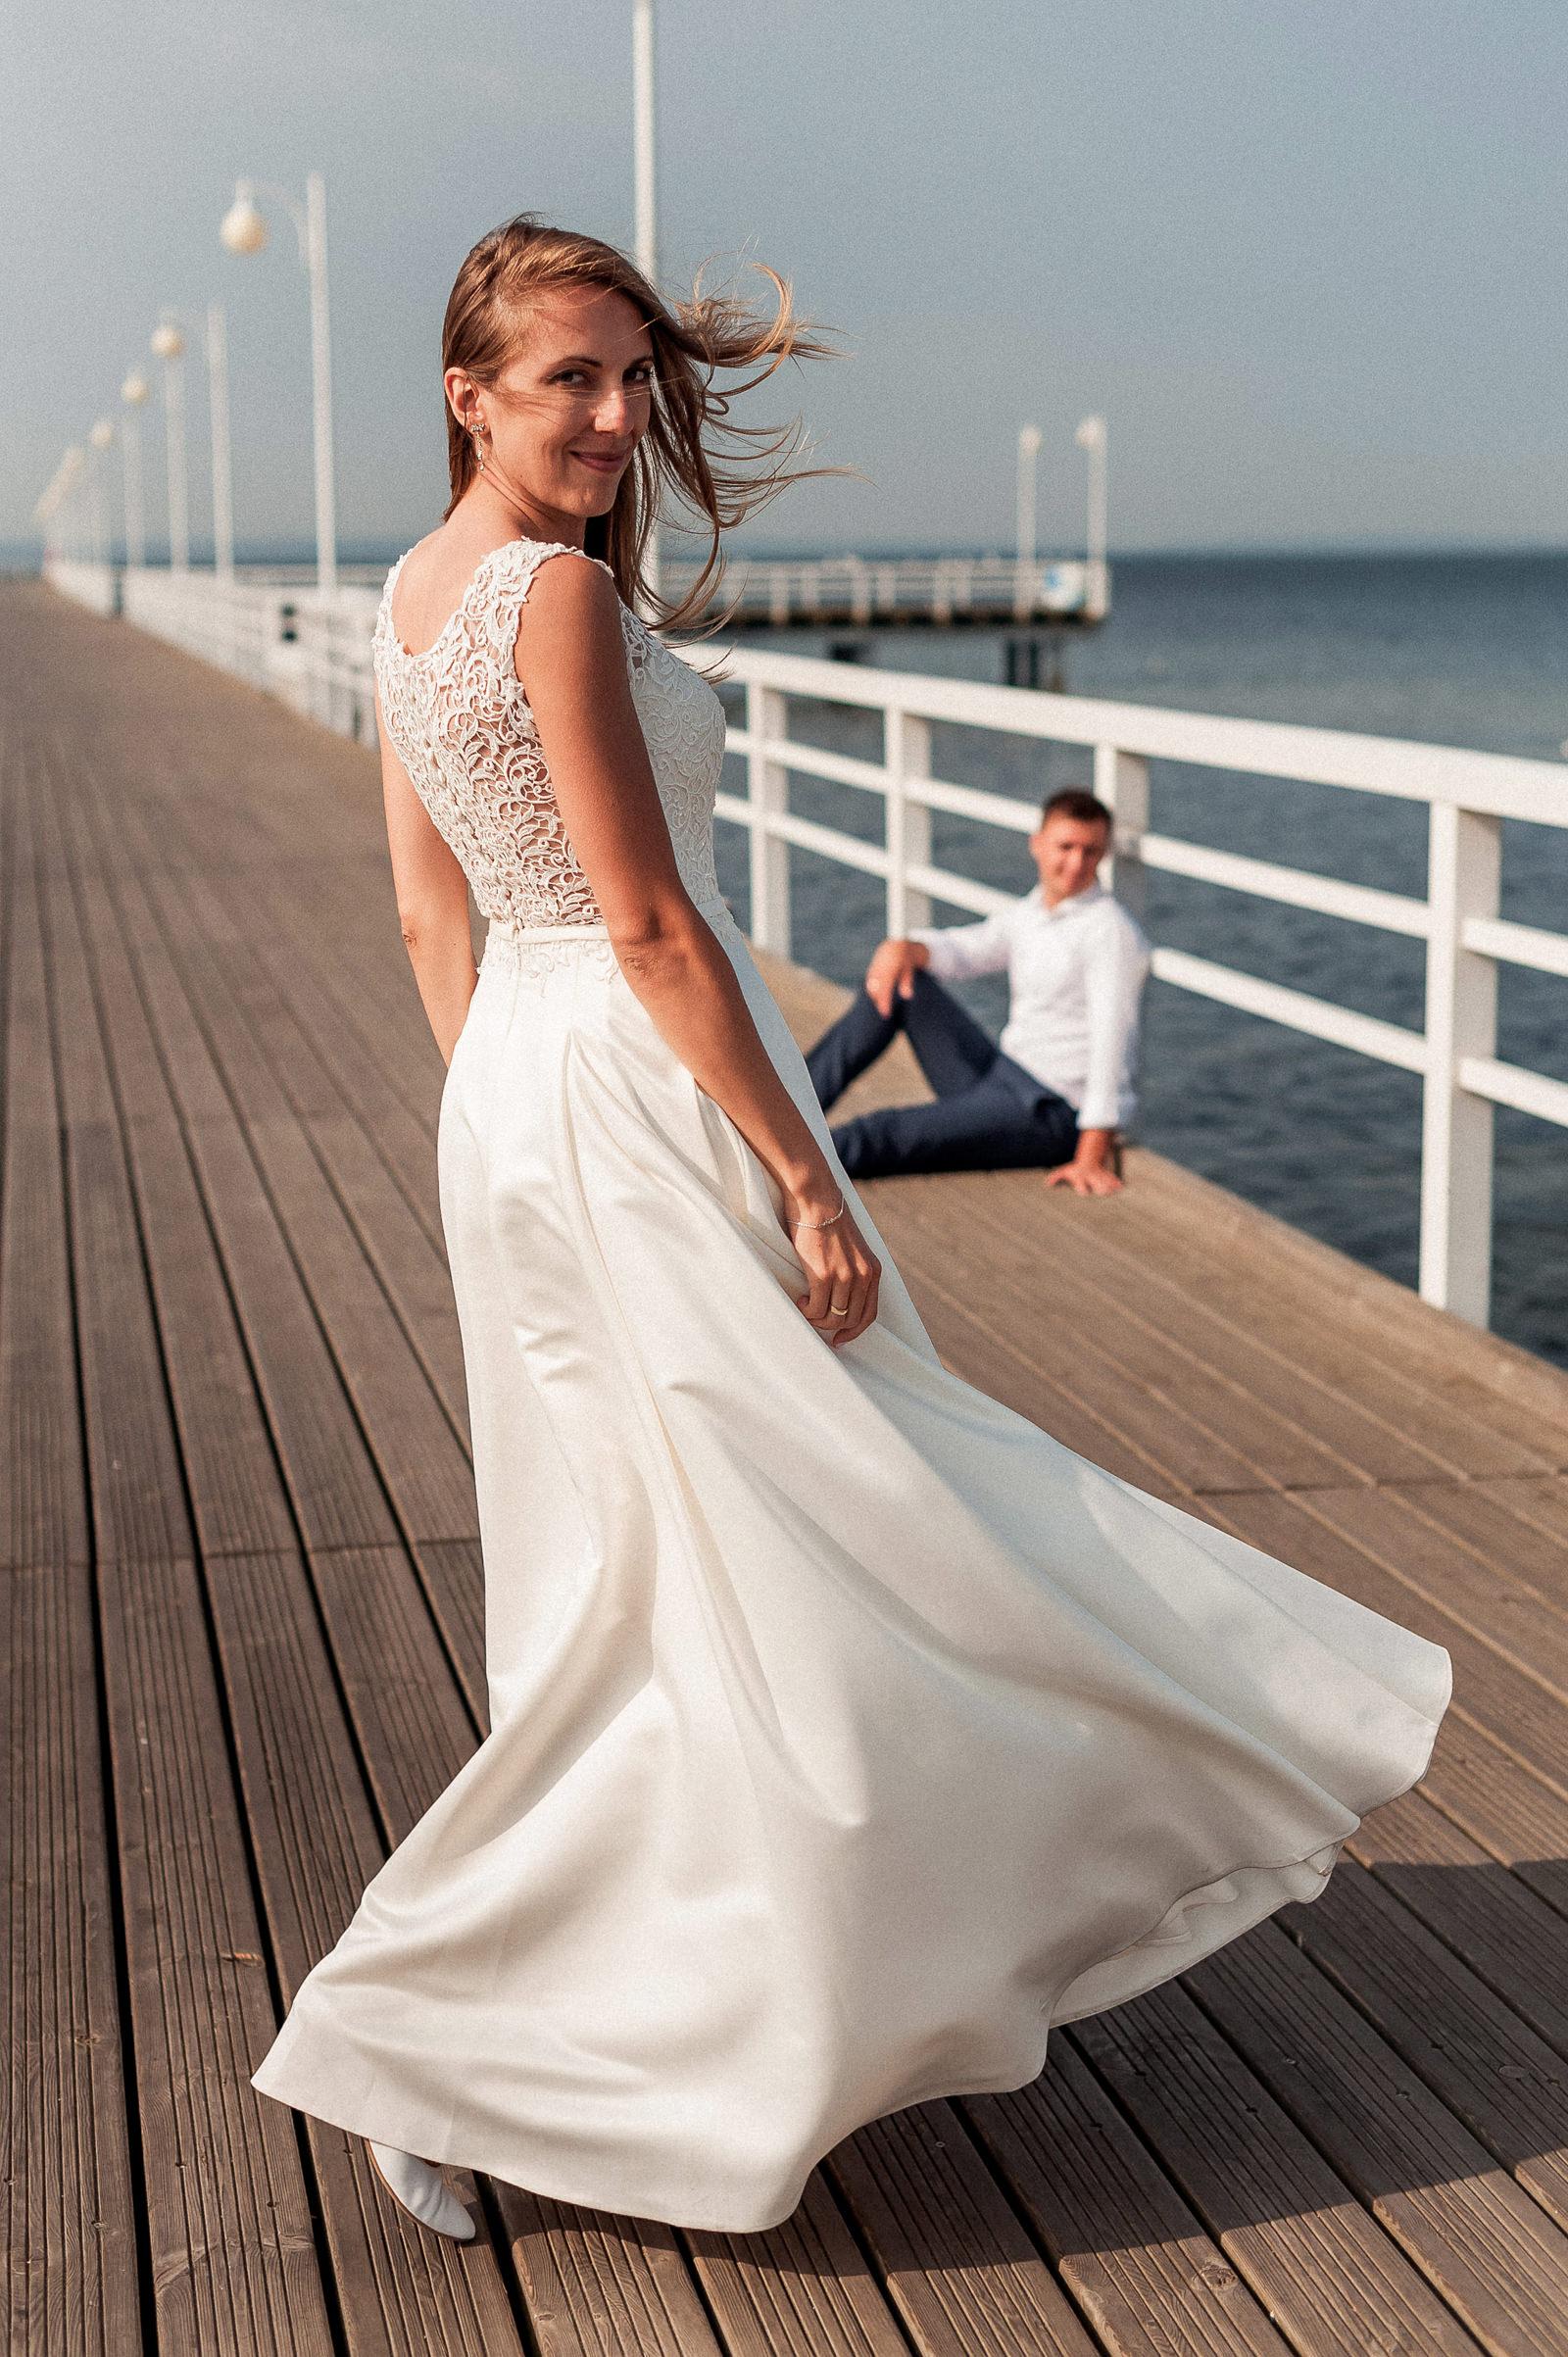 sesja ślubna - spojrzenie wprost w obiektyw